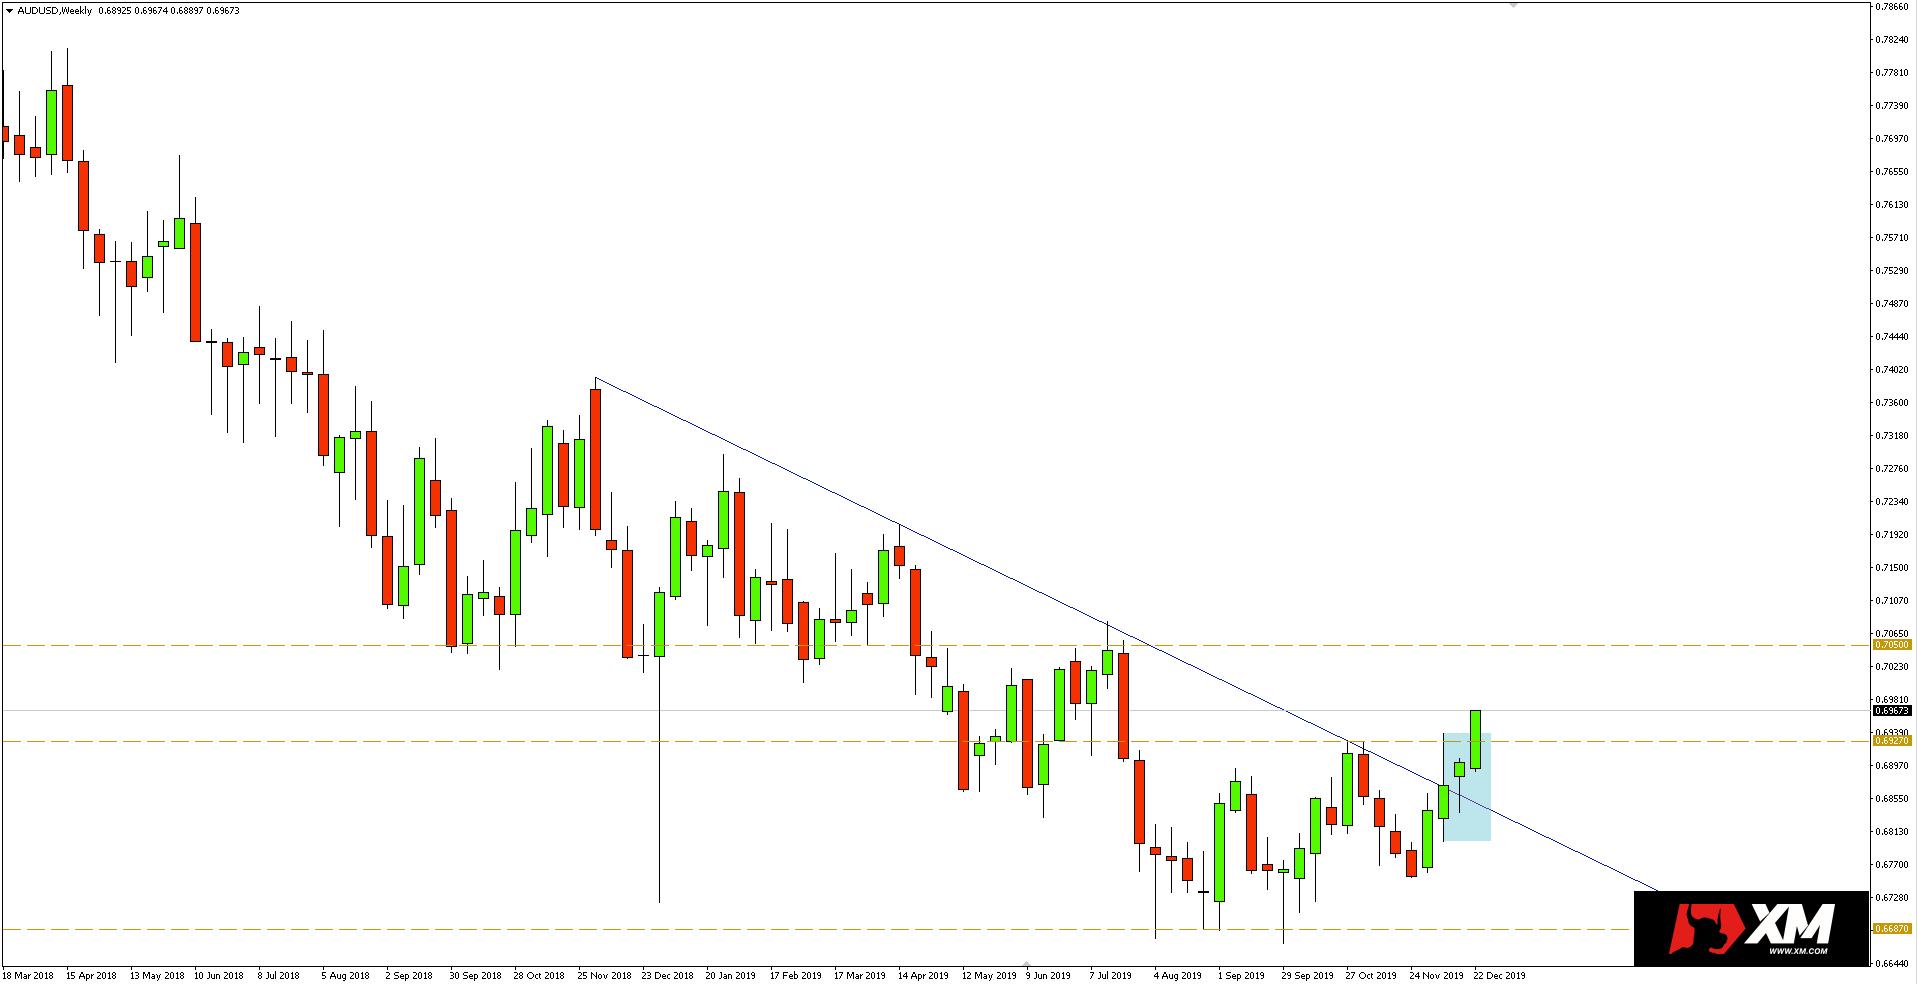 Wykres tygodniowy pary walutowej AUDUSD - 27.12.2019 r.